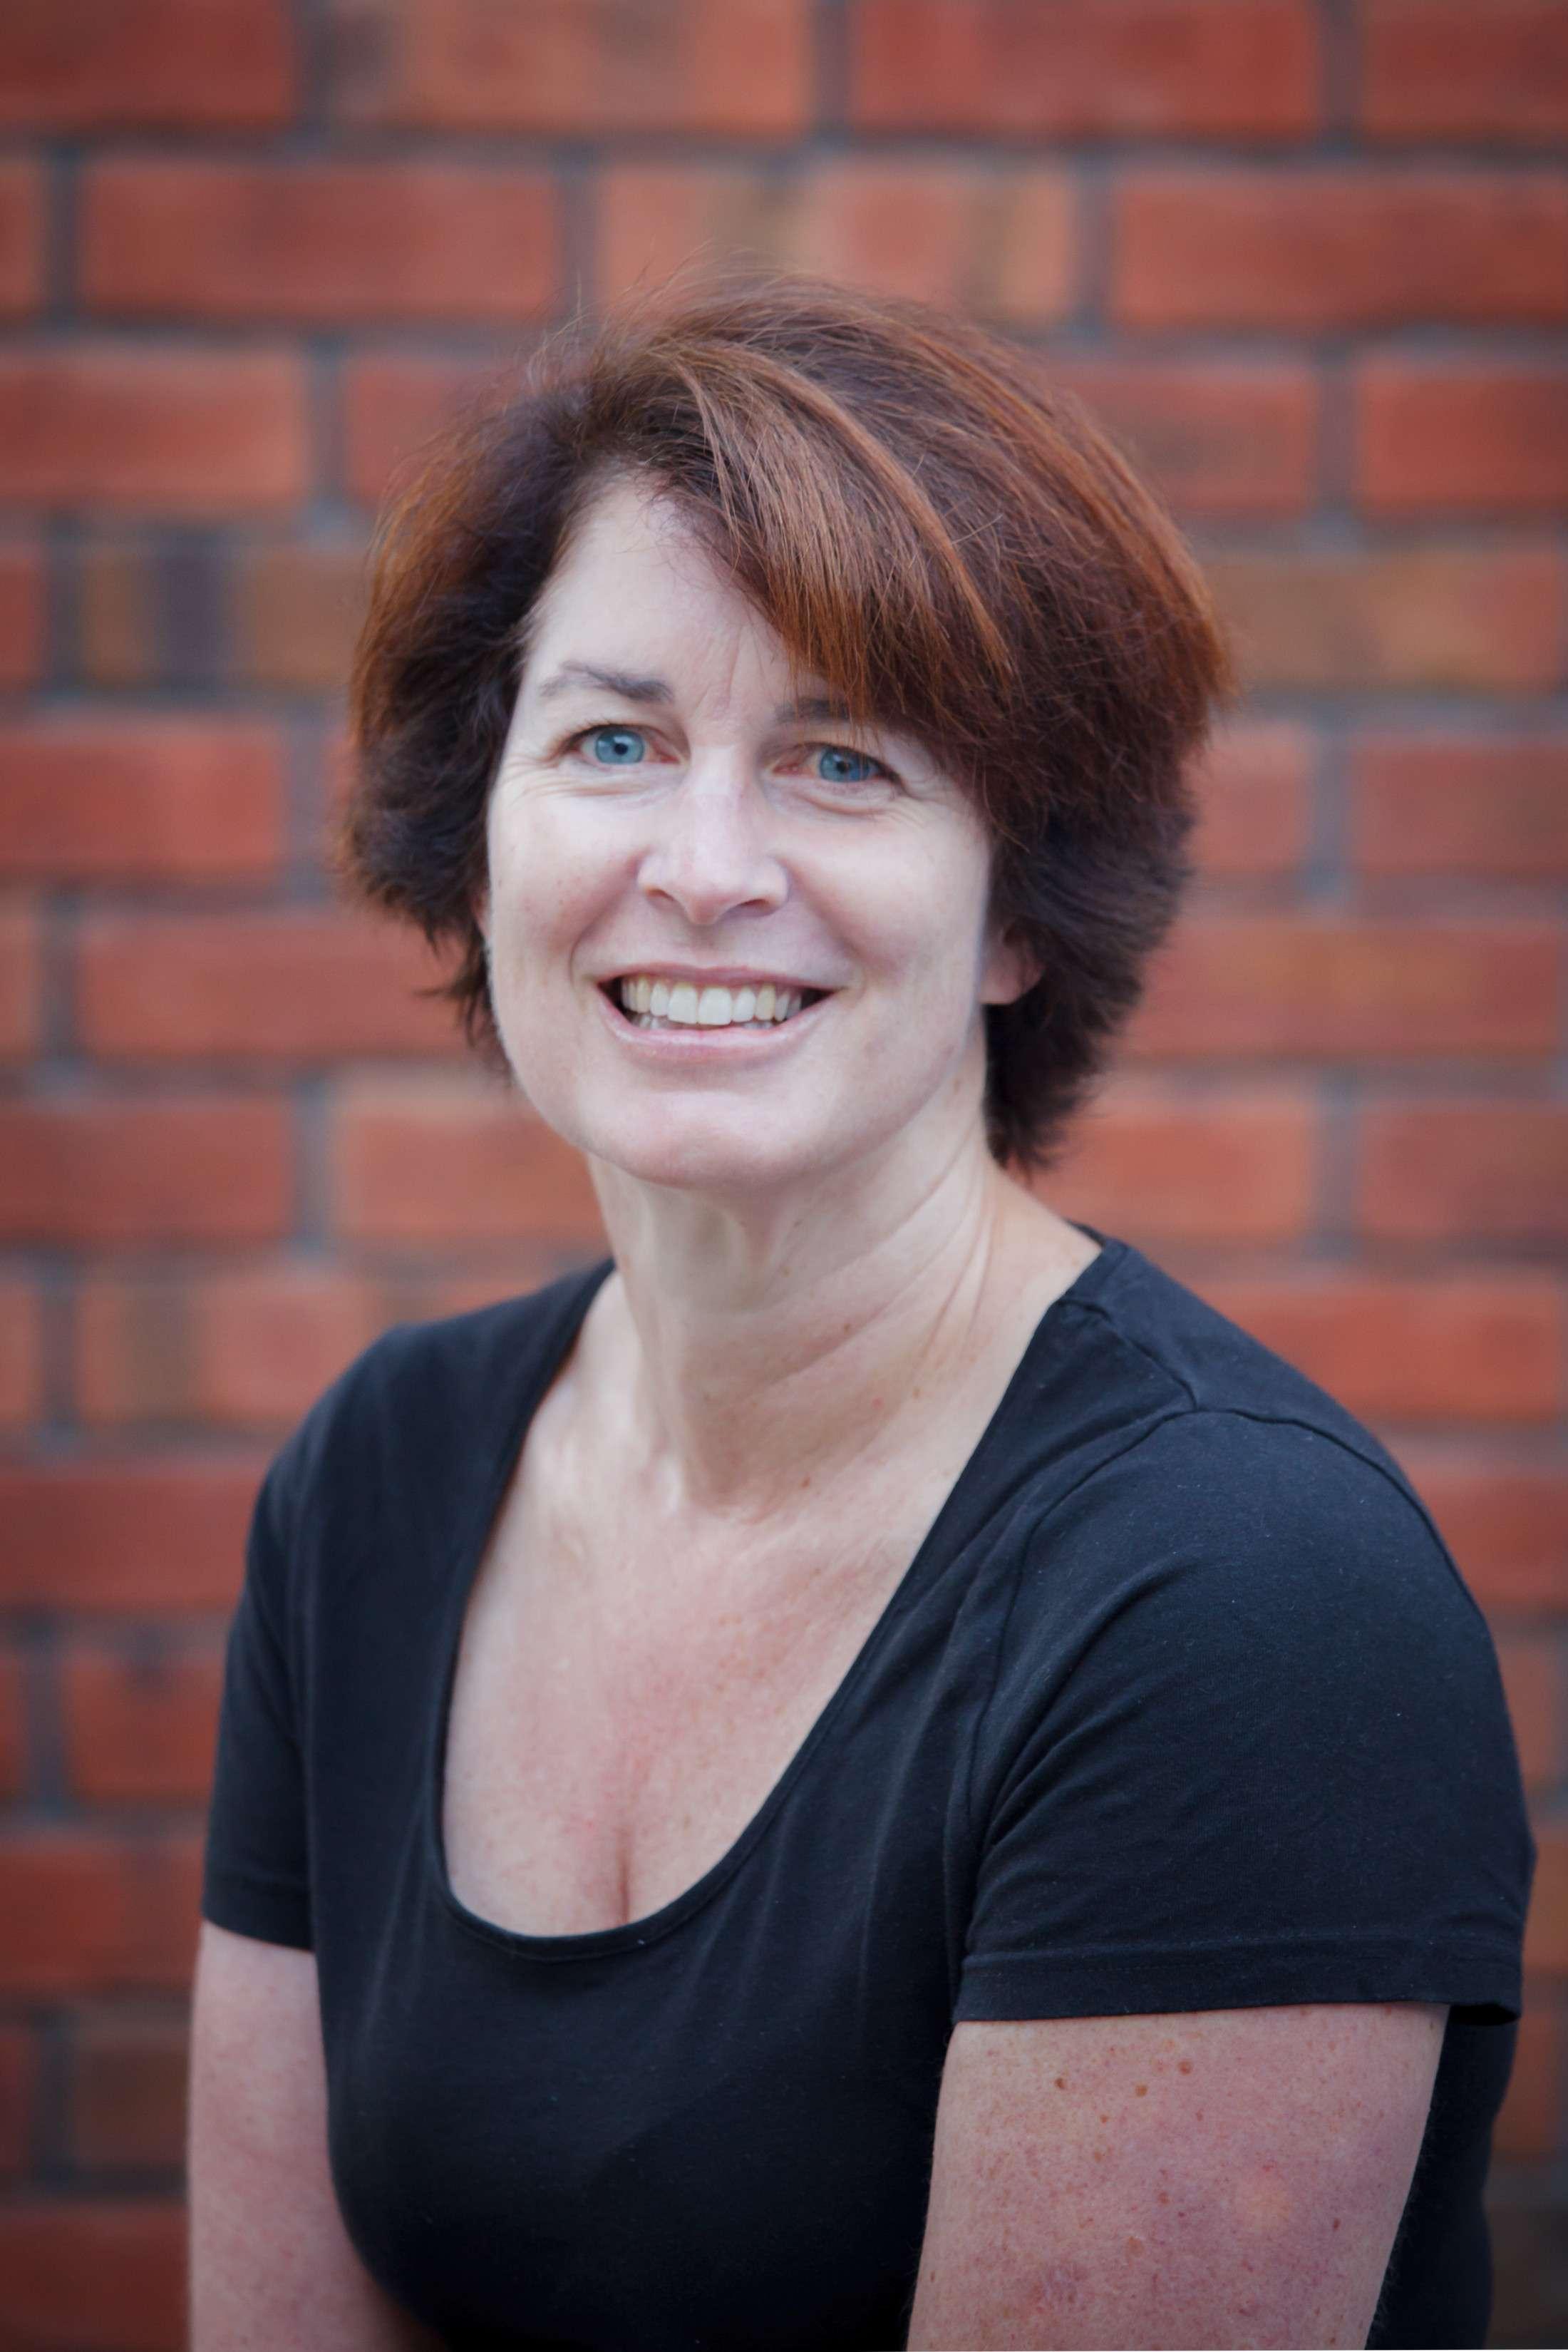 Dianne Pellow